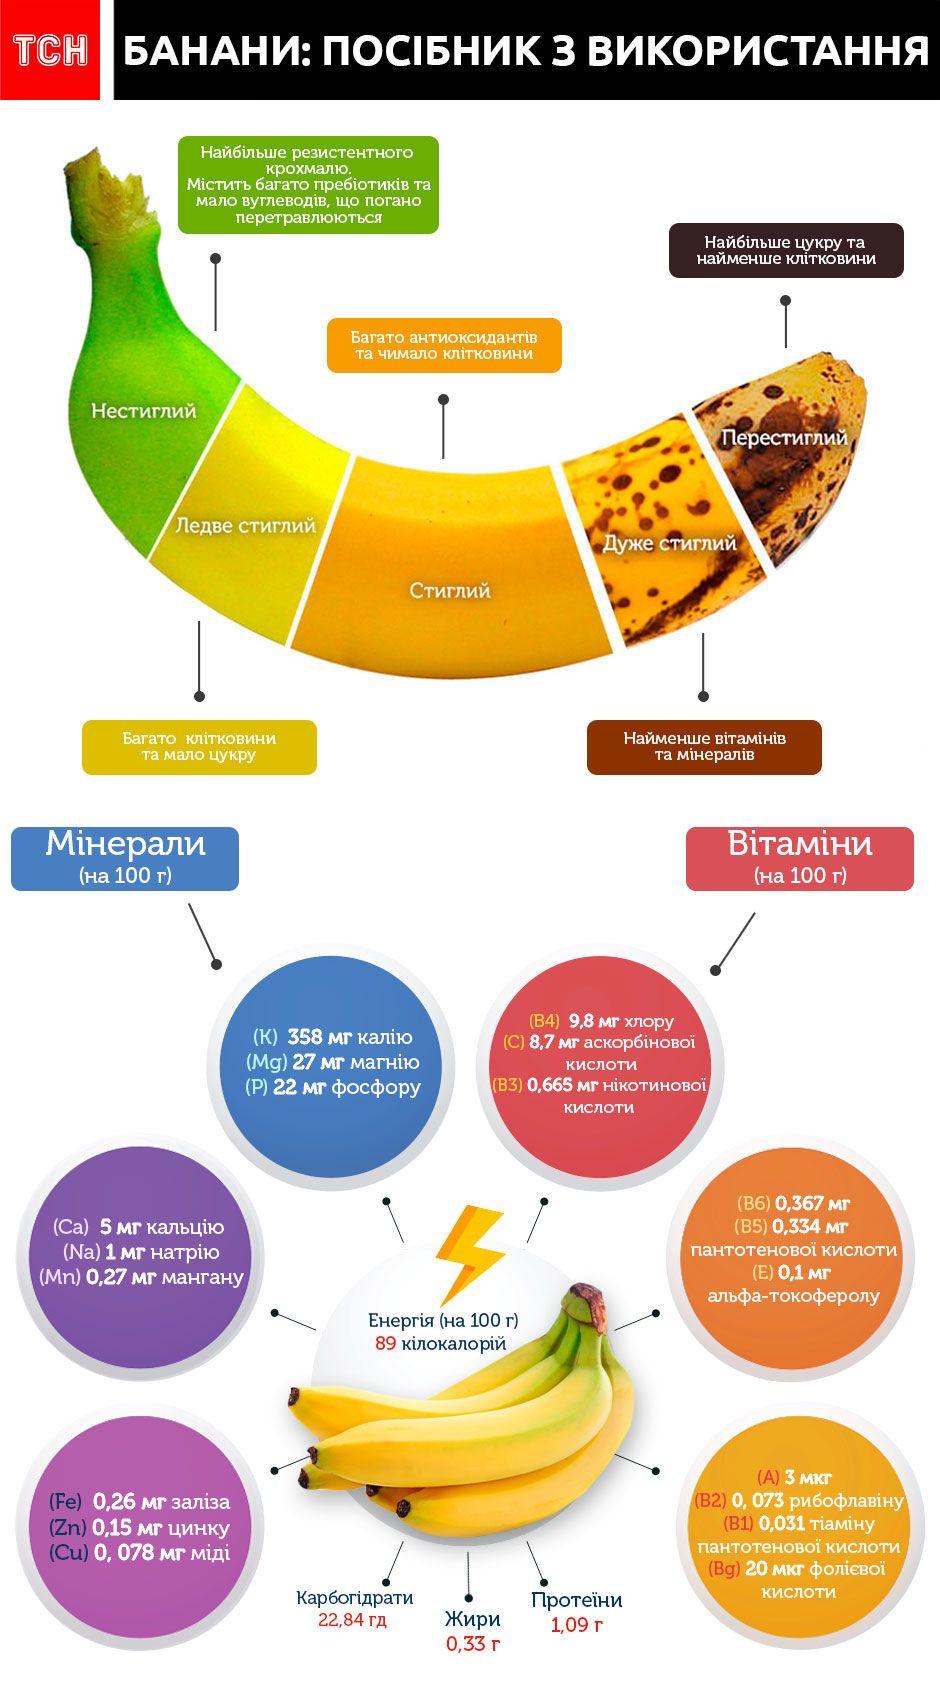 Банан інфографіка